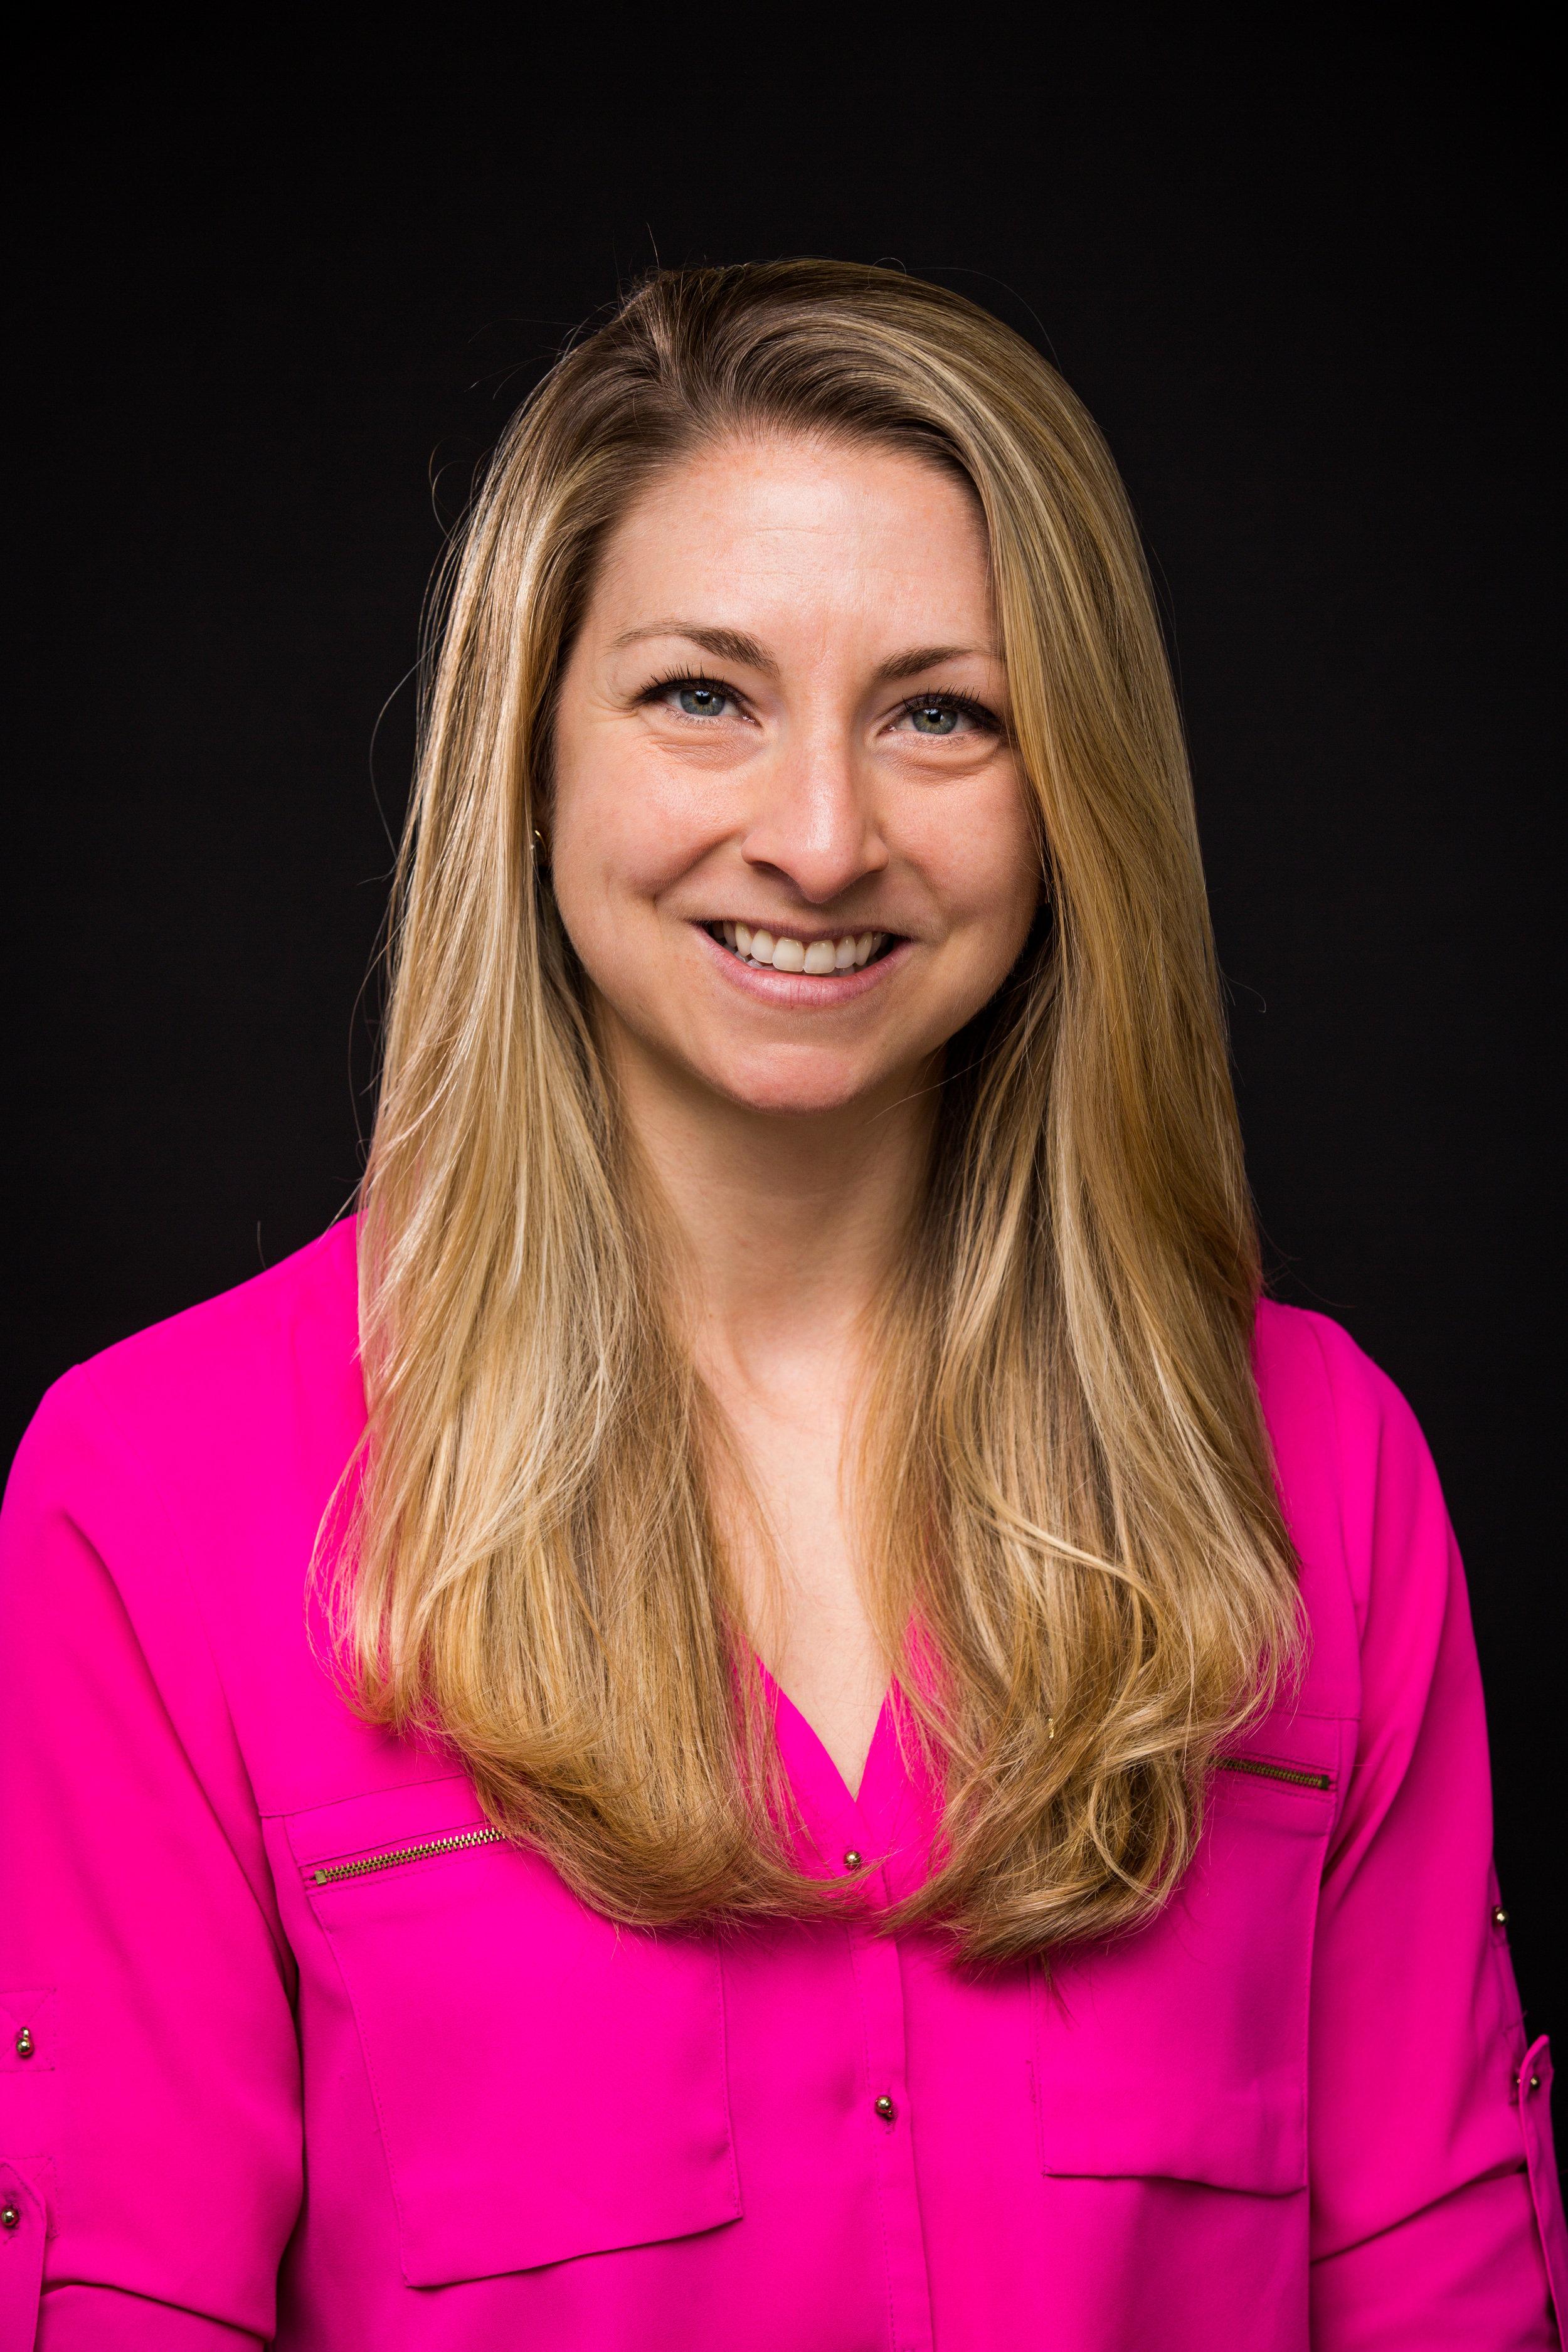 Stacy Bauerlein Headshot_By Scott Shaw.jpg